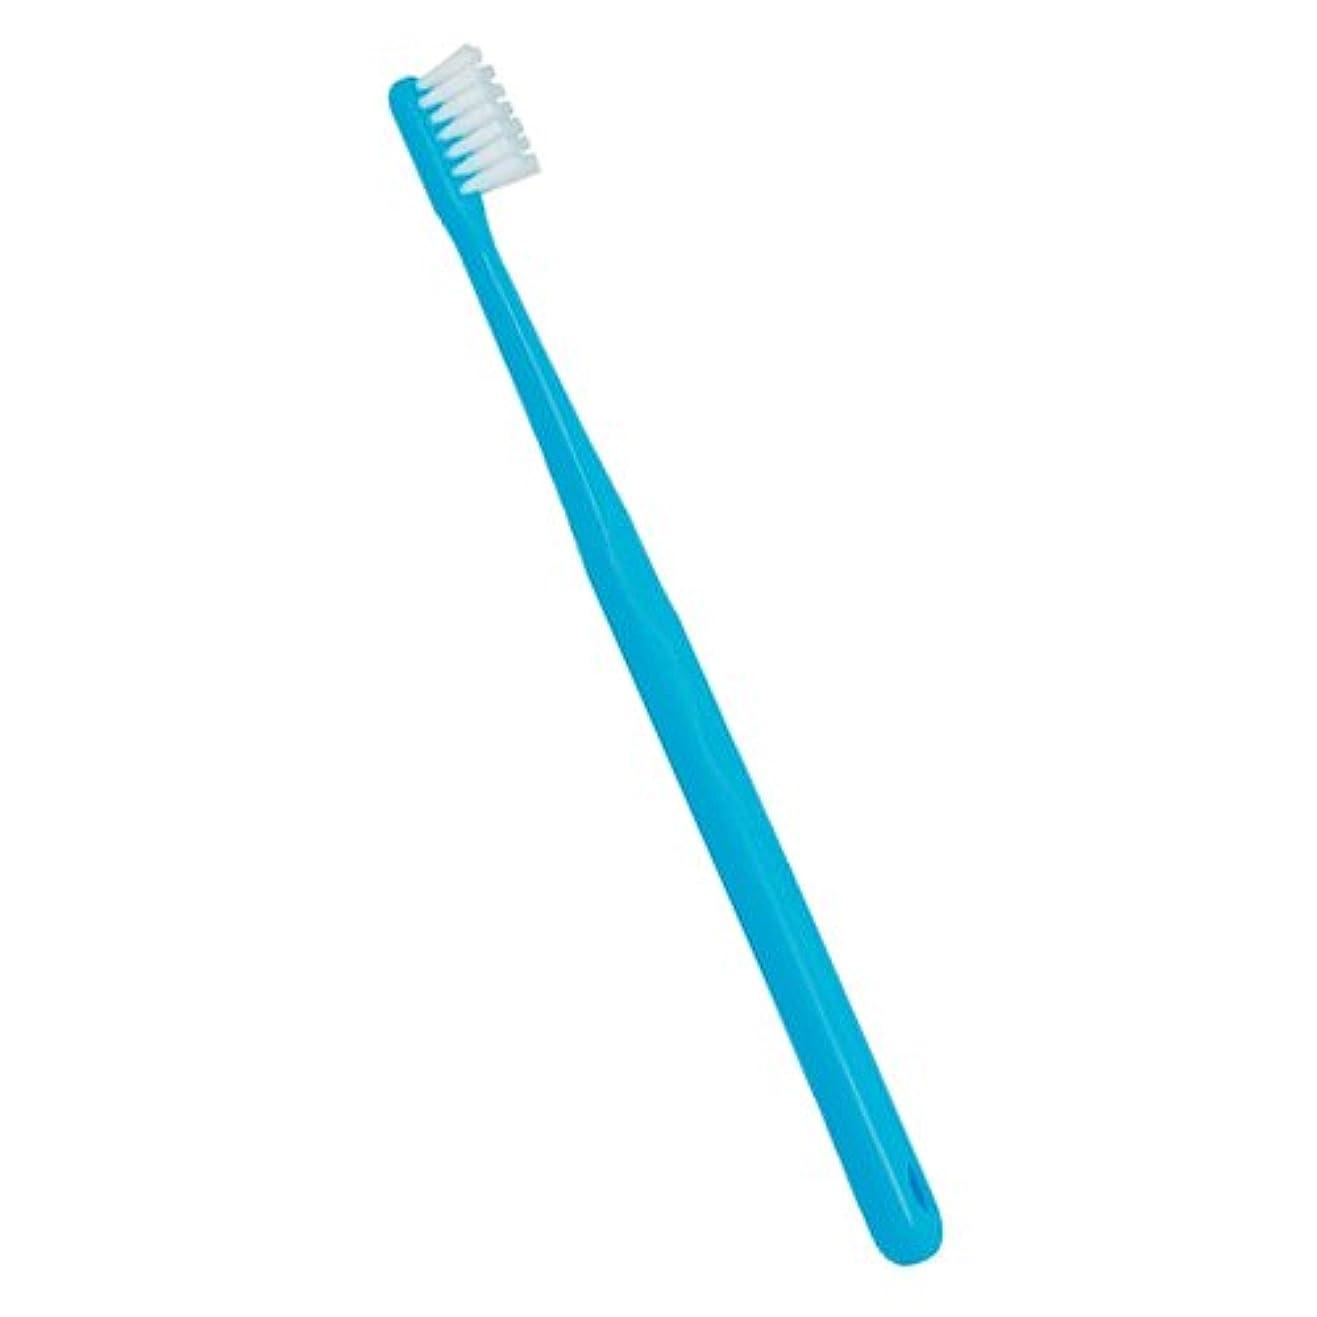 メトロポリタン国家オンスCiメディカル 歯ブラシ Ci702(フラットタイプ) 1本(M ふつう(ブルー))